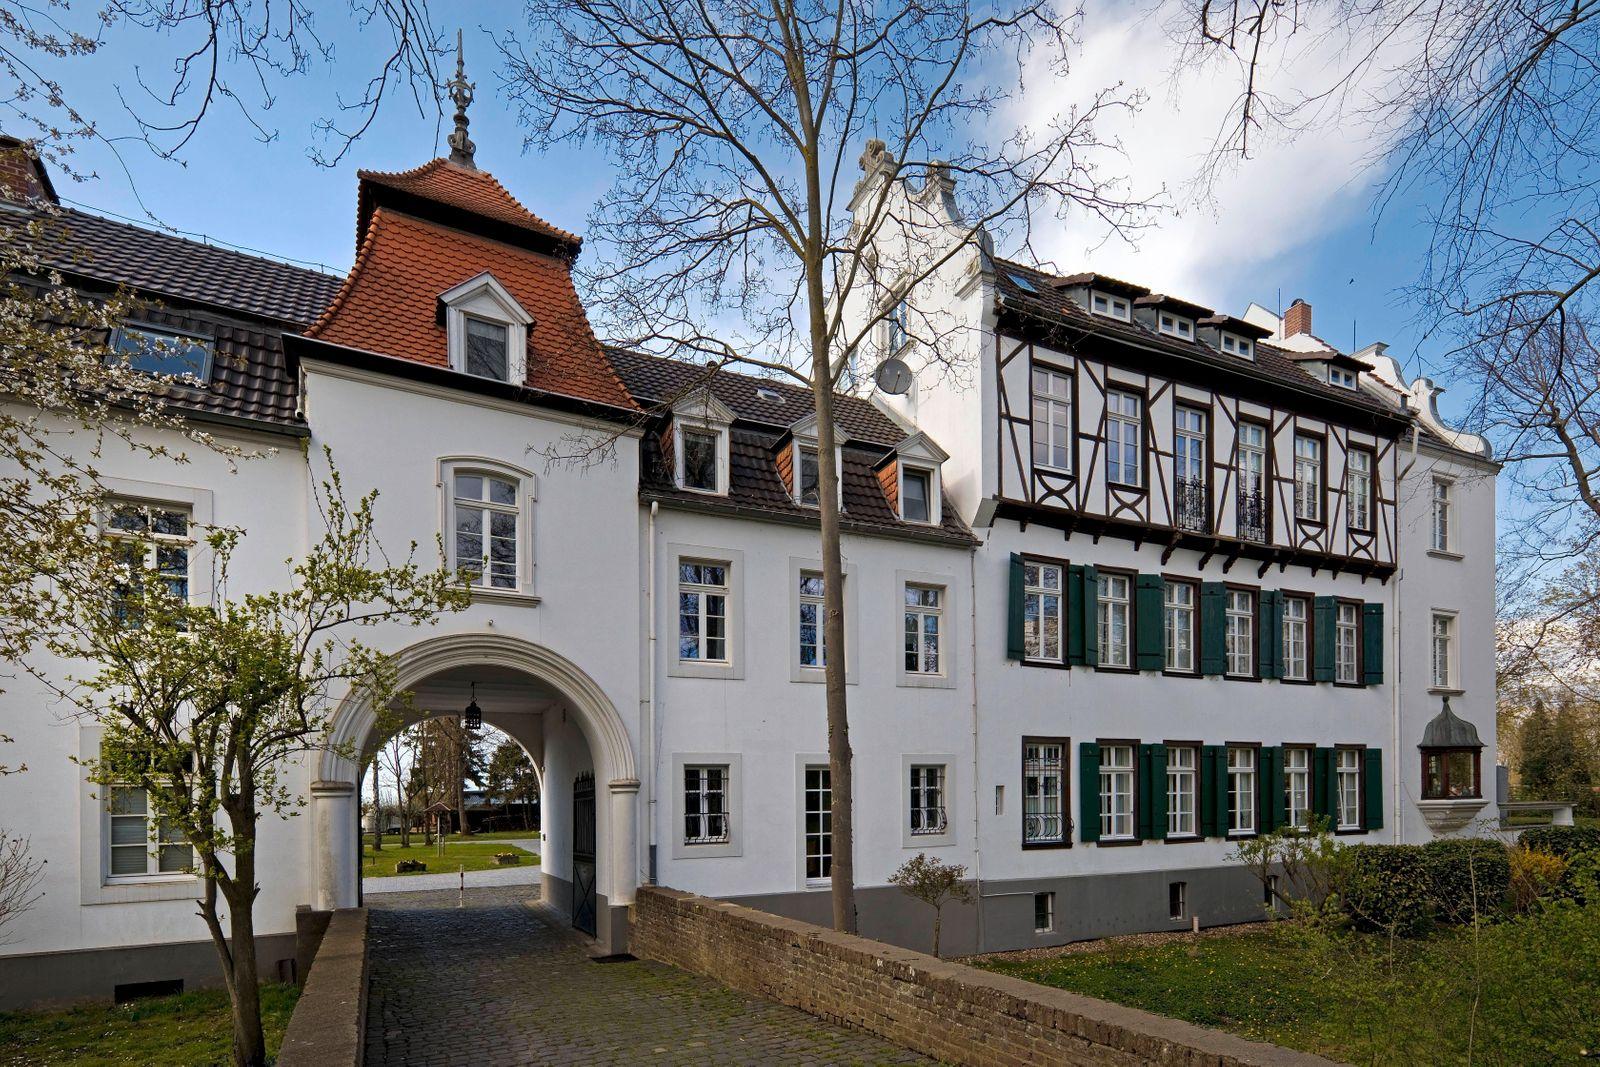 Vorburg und Herrenhaus, Burg Blessem, Erftstadt, Nordrhein-Westfalen, Deutschland, Europa *** Forecastle and manor house